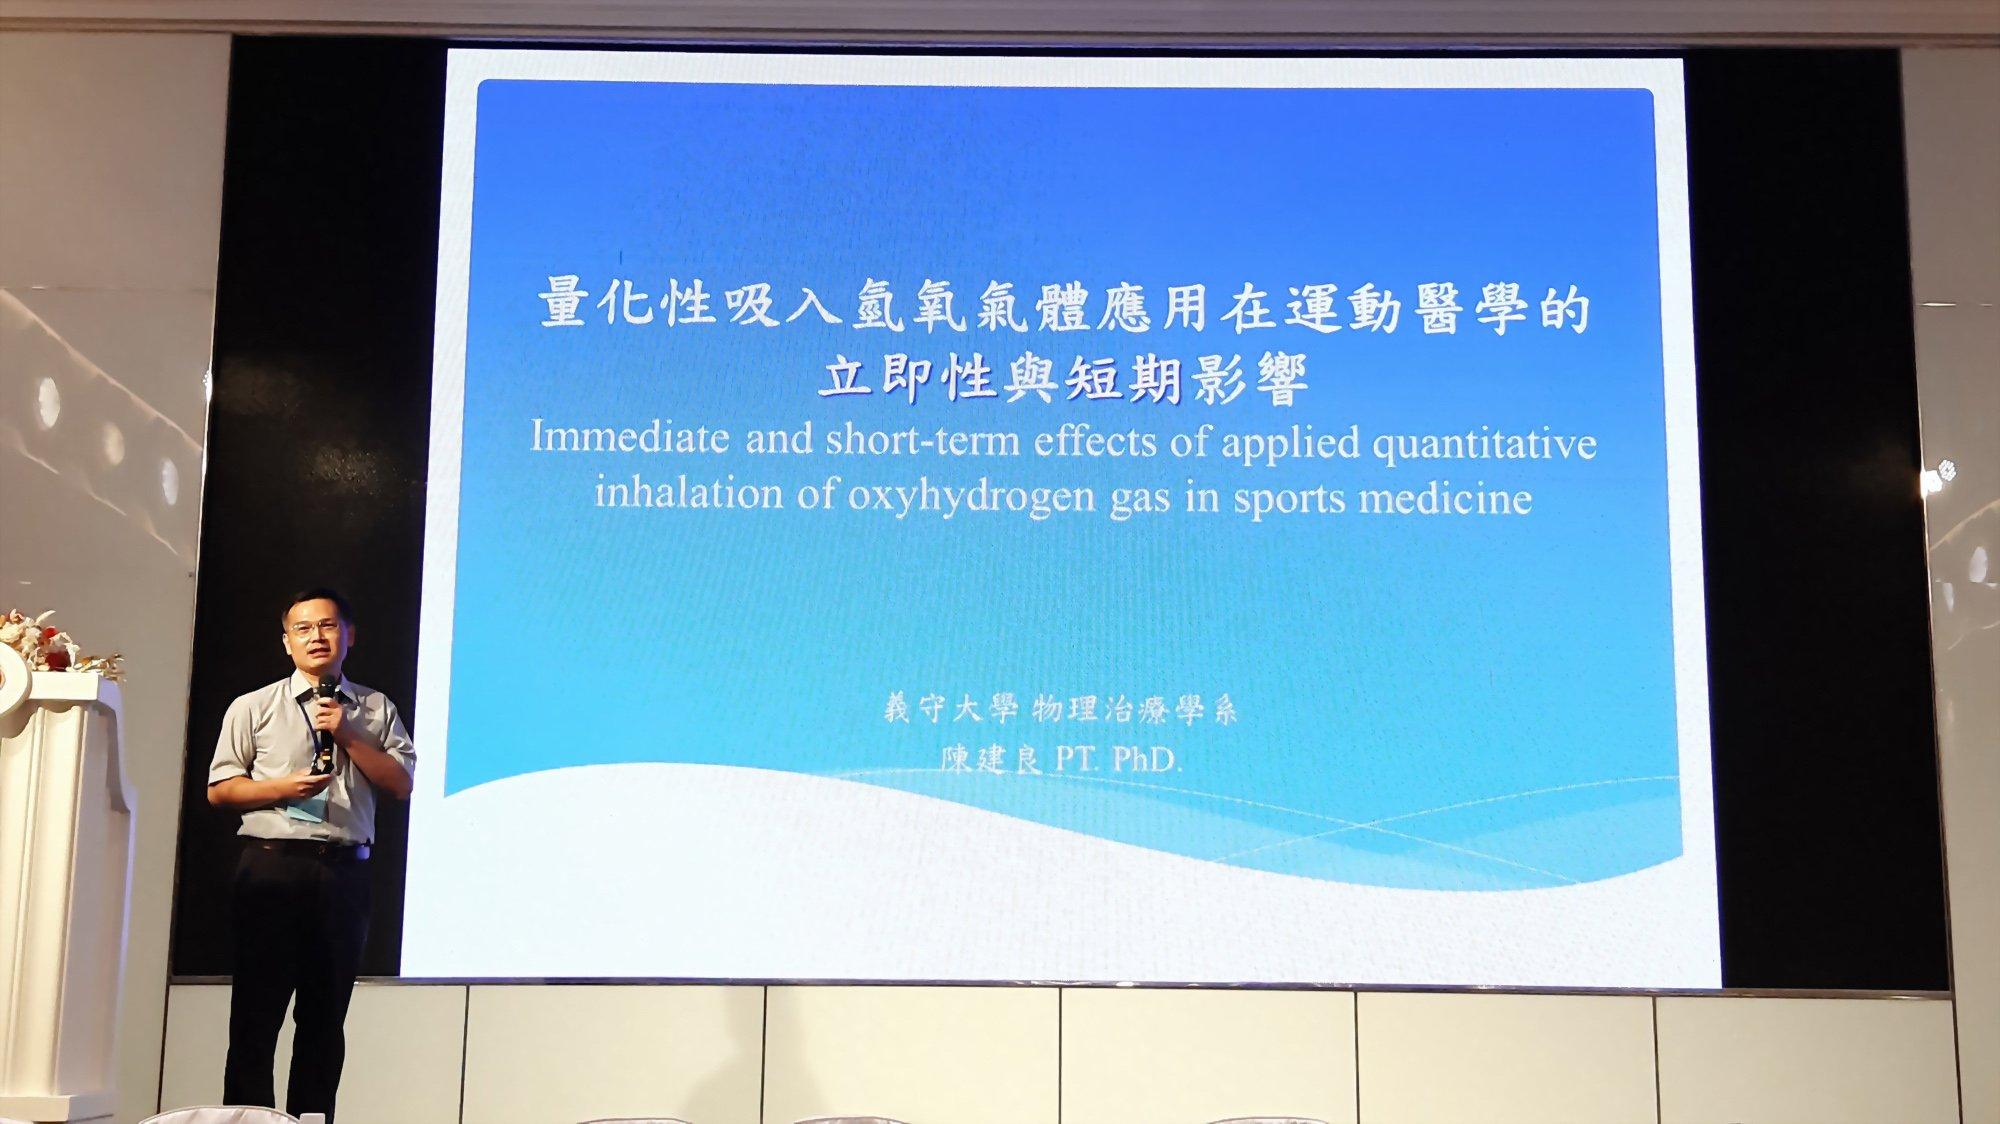 氫分子醫學研討會-49 量化性吸入氫氧氣體應用在運動醫學的影響-義守大學 物理治療學系 陳建良 副教授